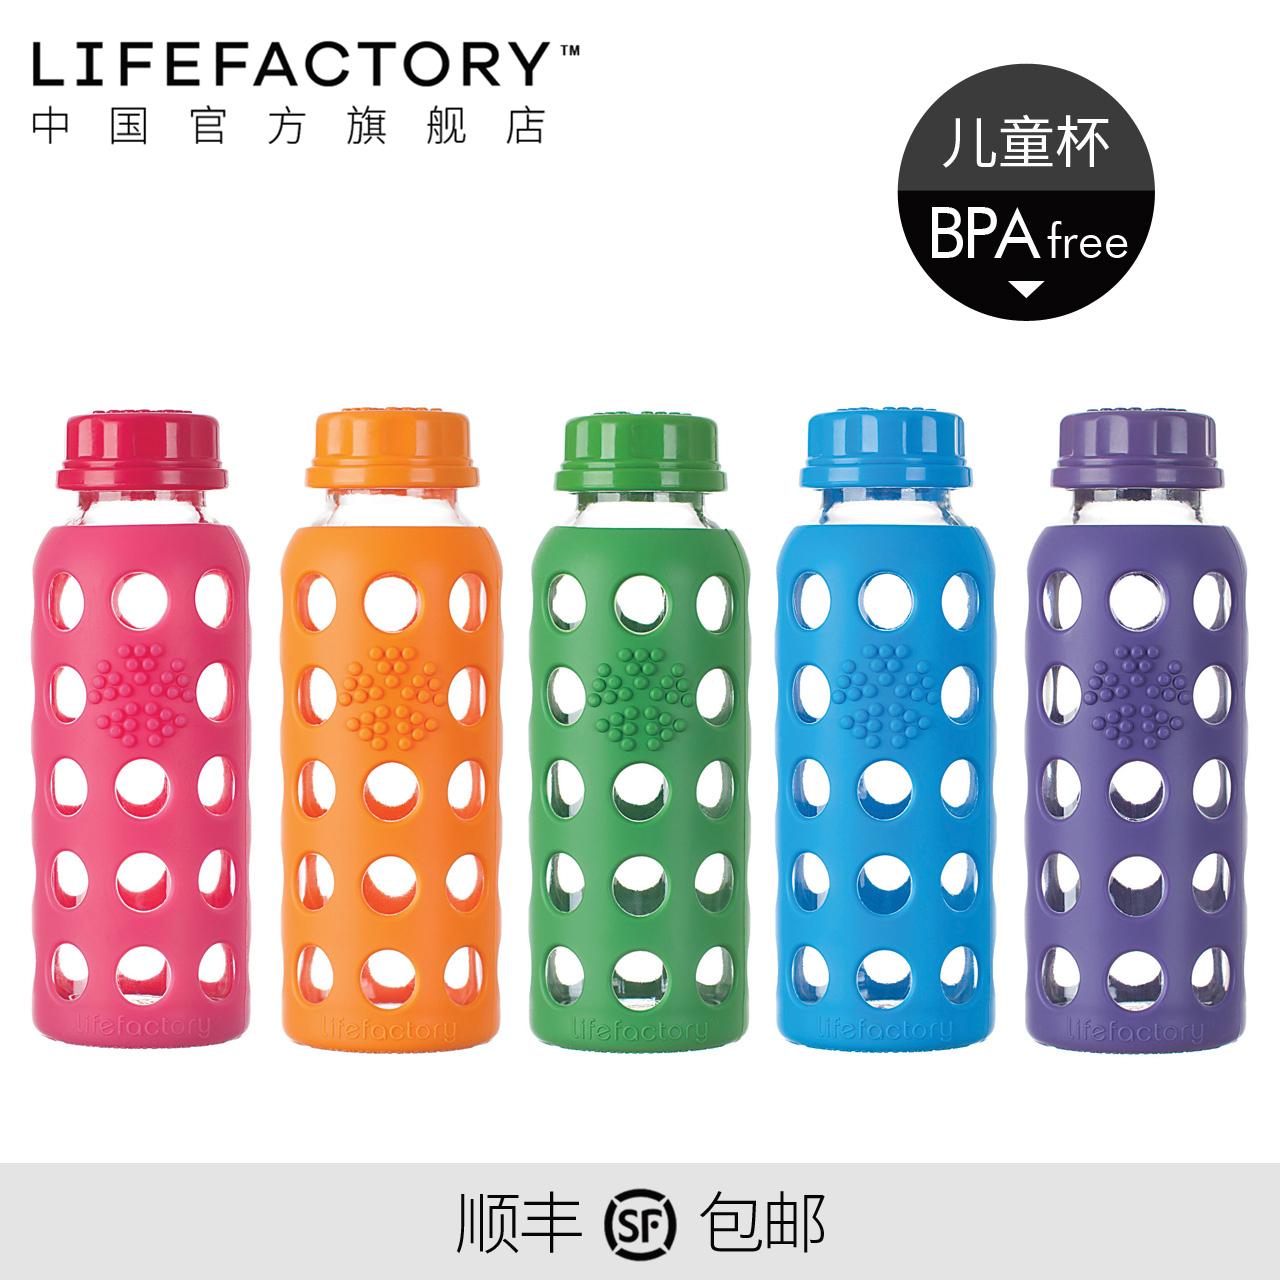 lifefactory玻璃杯美國 水杯兒童水杯淑女杯防摔隔熱便攜水杯